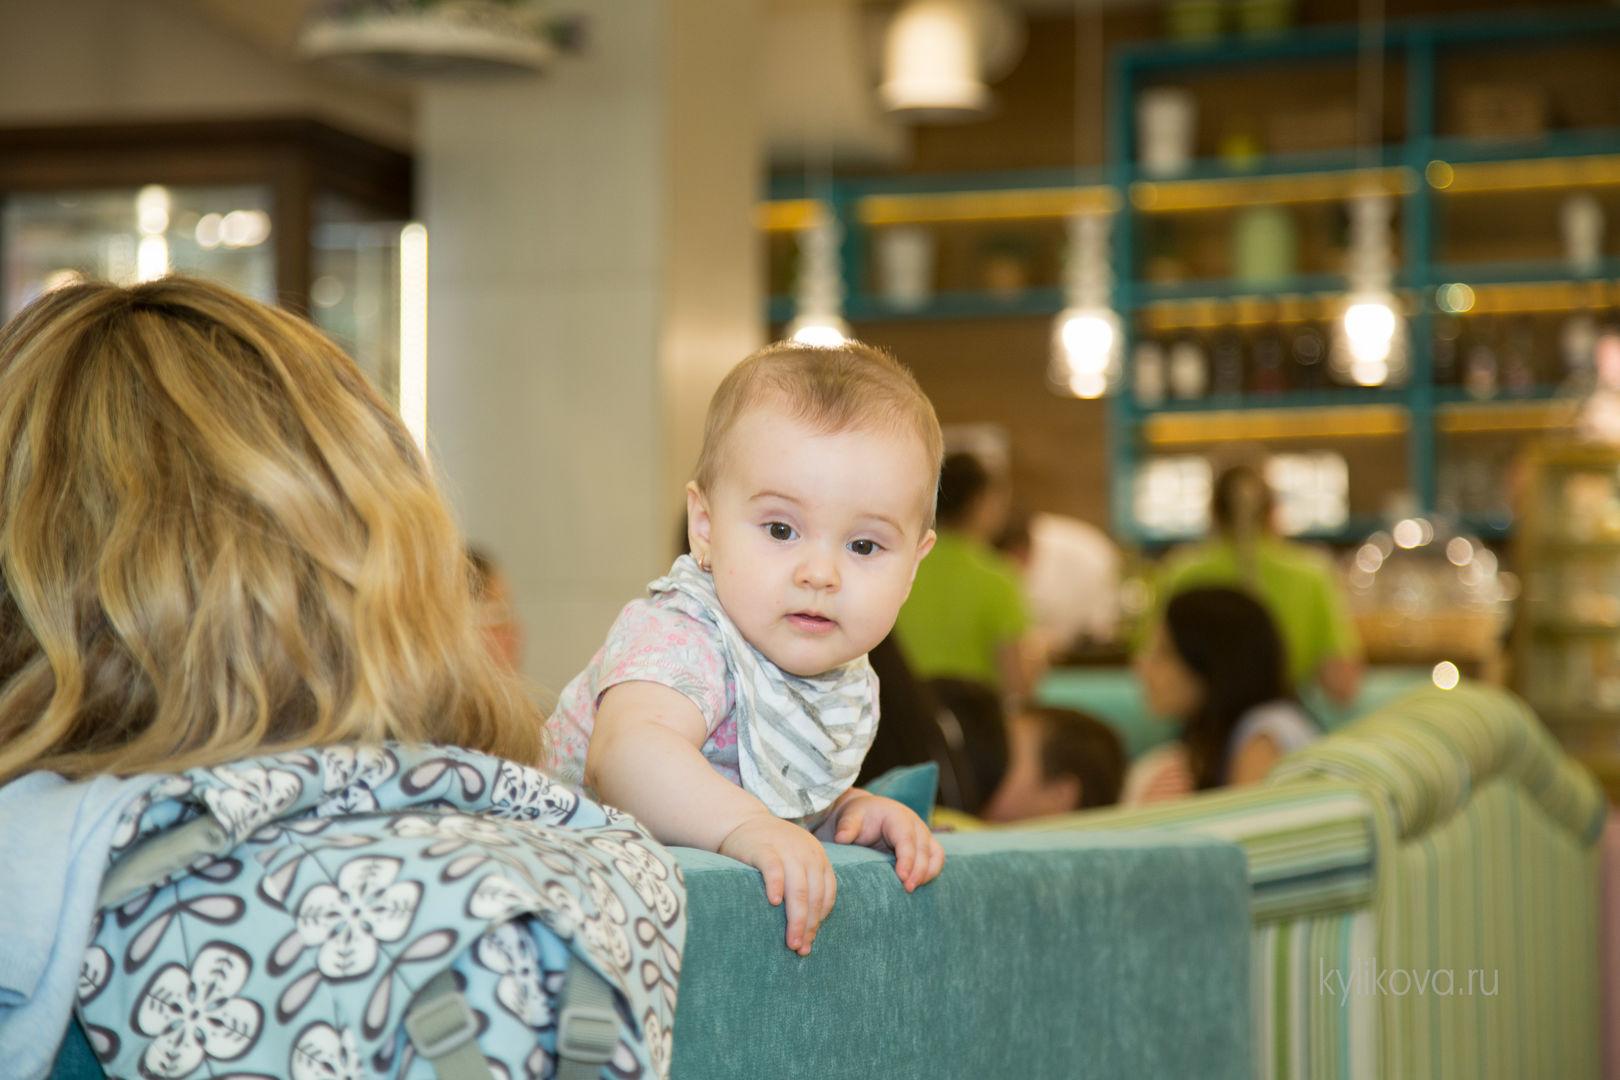 Английски1 клуб для молодых мам в москве